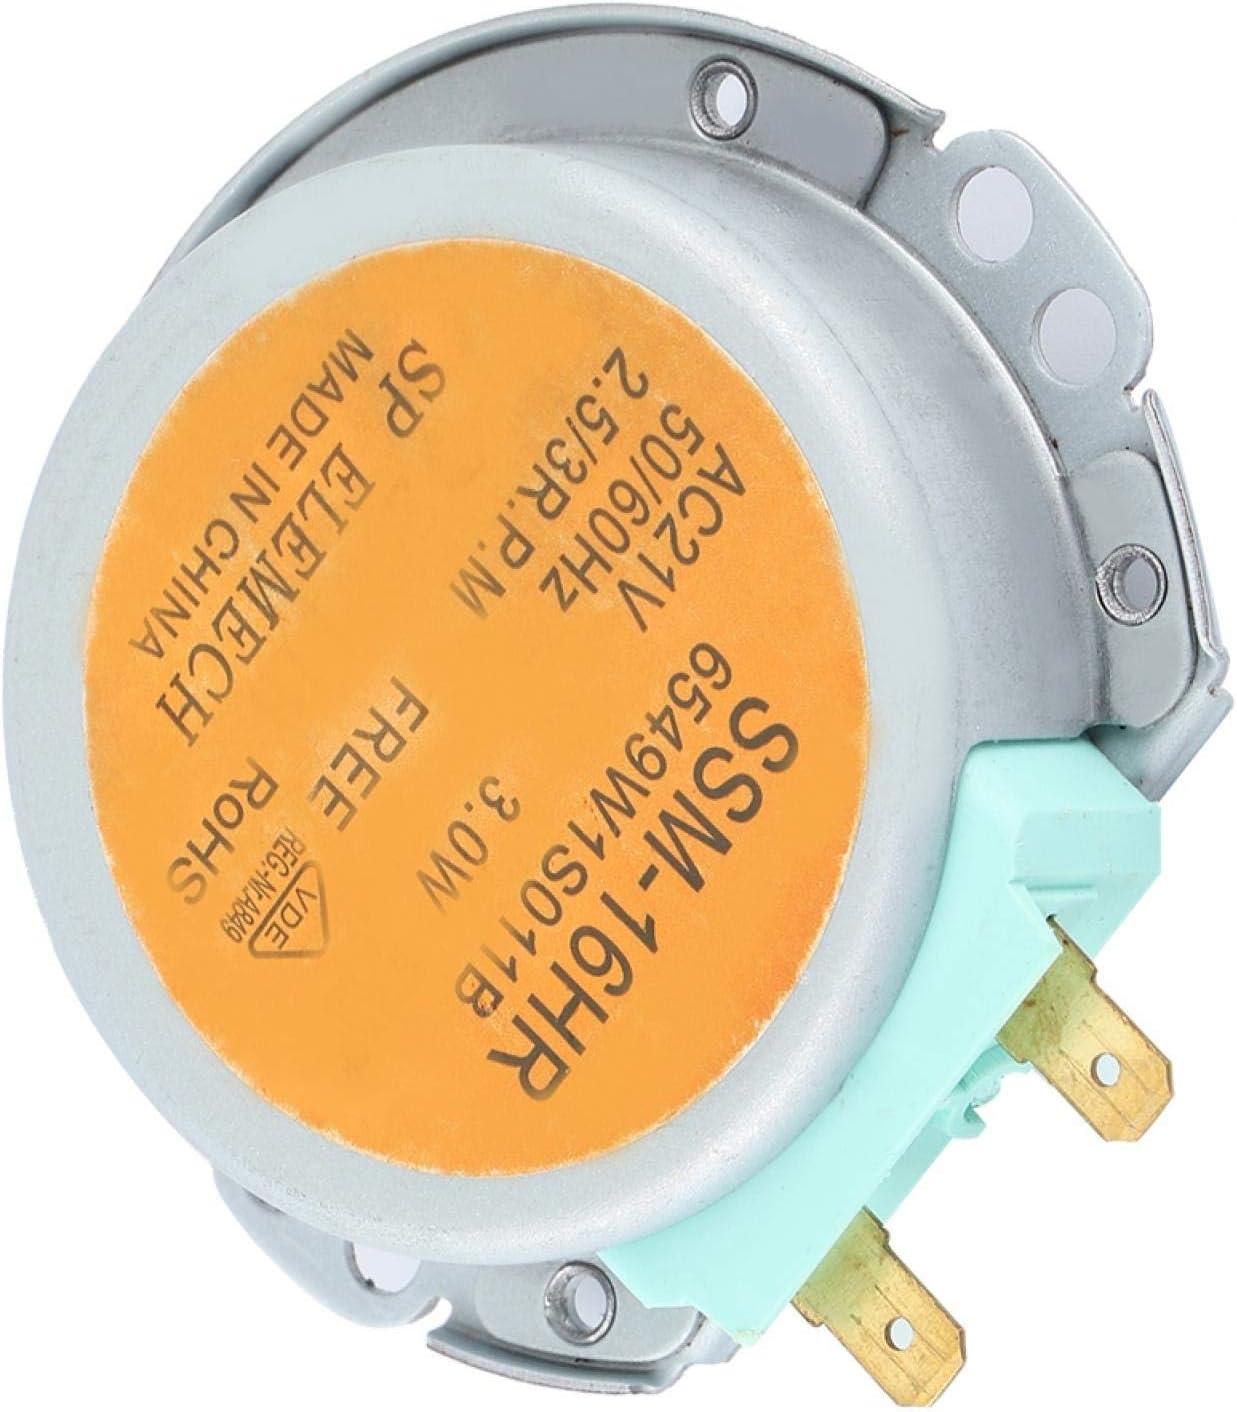 Horno de microondas Motor de Plato Giratorio Pieza de Horno de microondas Motor de Plato Giratorio de microondas Cocina casera